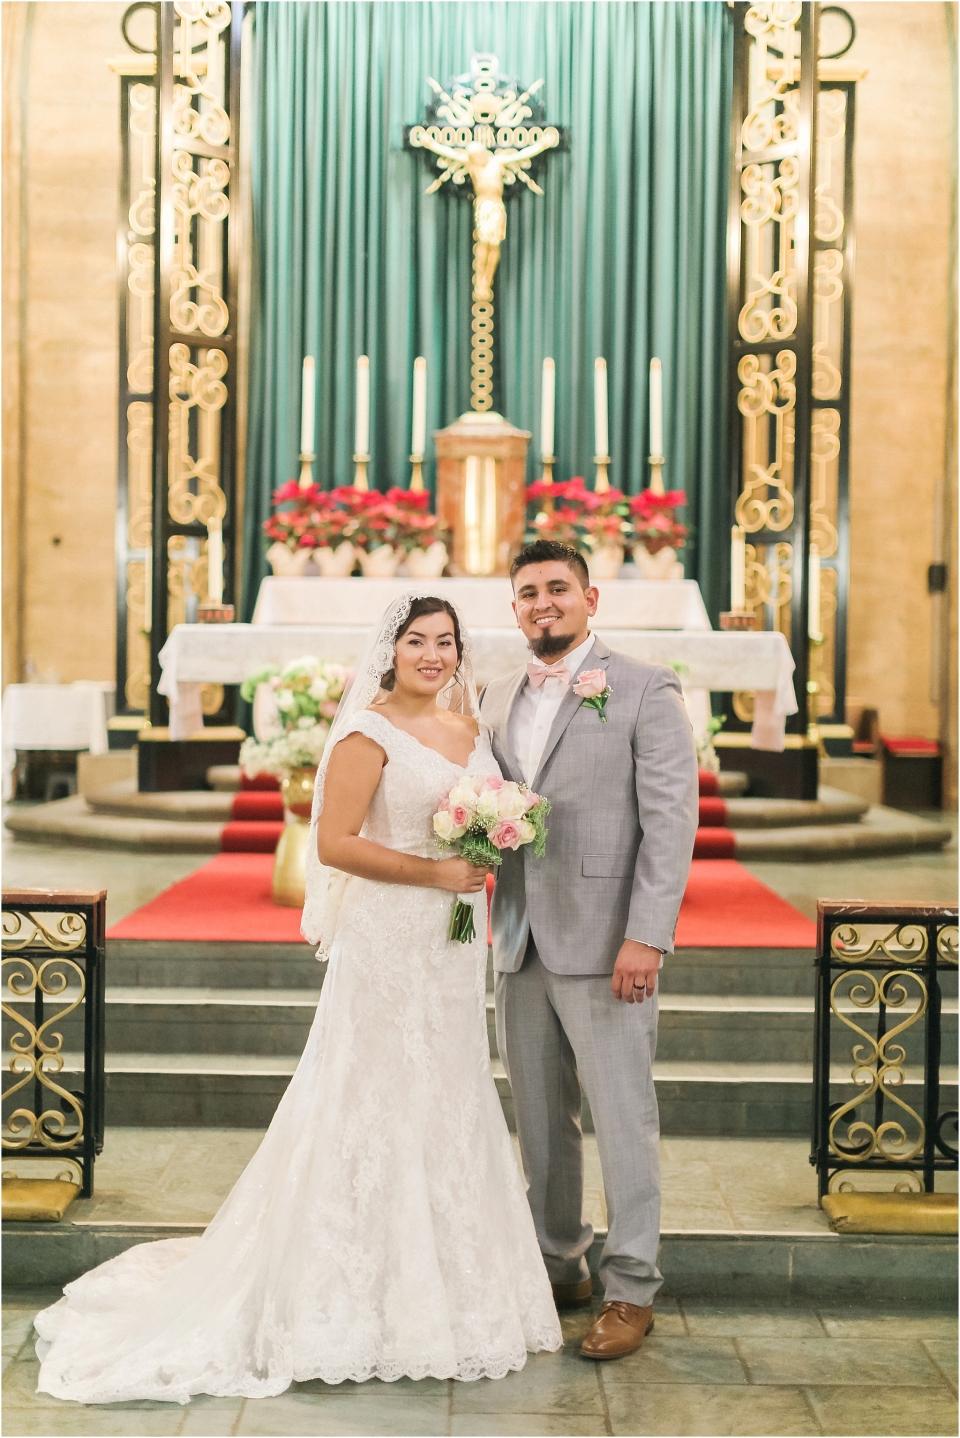 Rubidia C Photography Oakland Bay Area Walnut Creek Bay Area oakland SF Wedding Photographer CA_0104.jpg